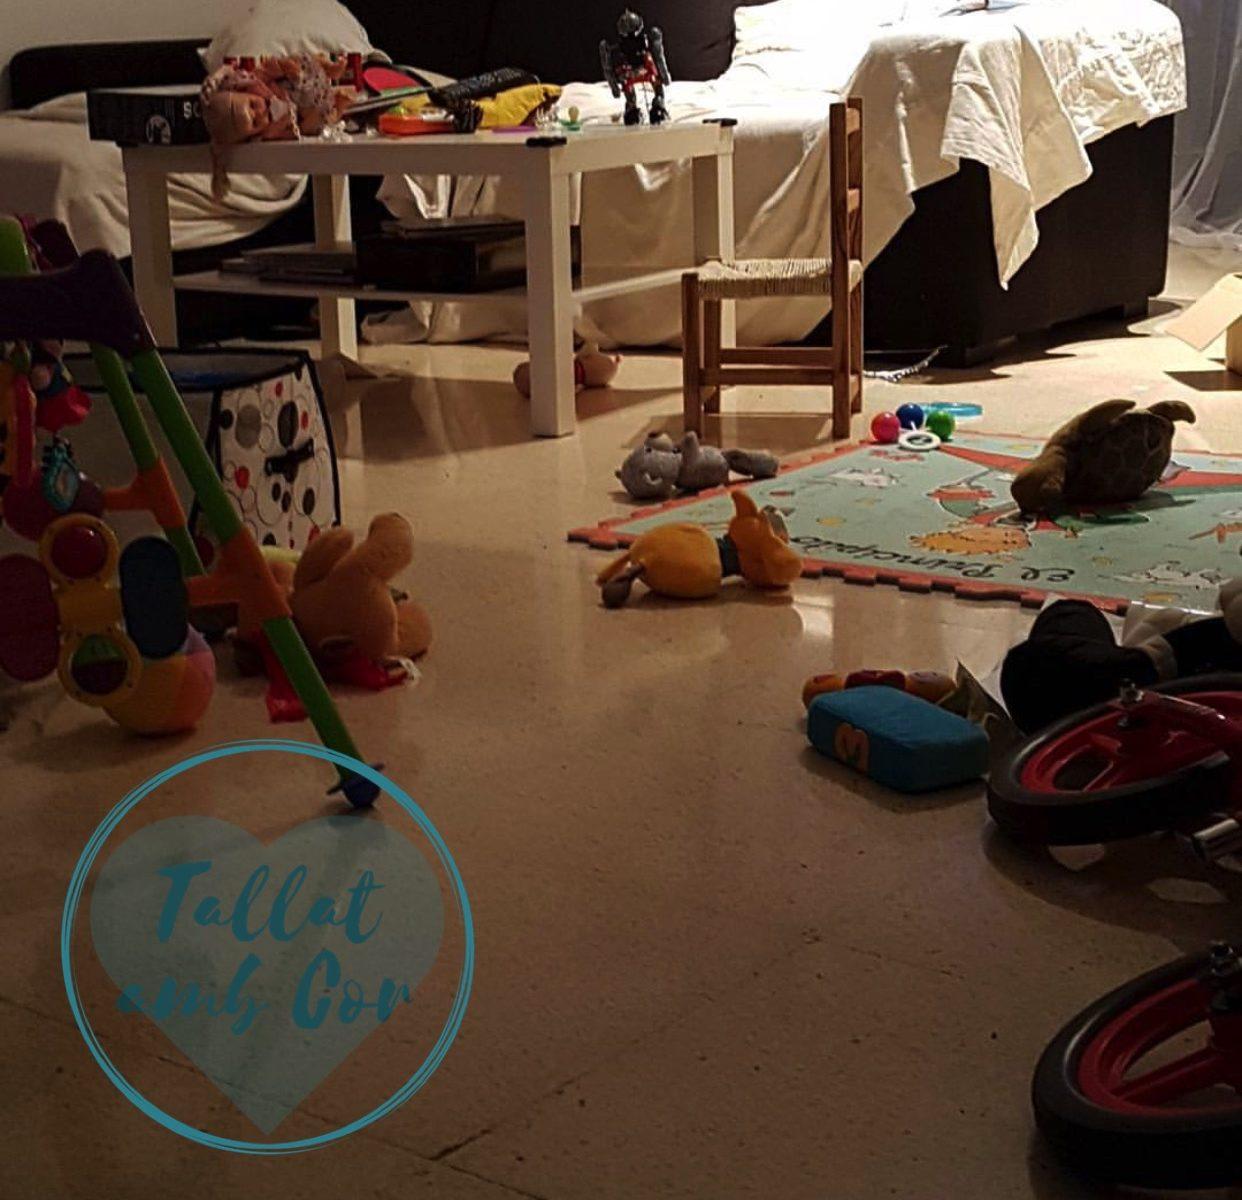 Sofá al fondo con las fundas mal puestas, mesa de centro y suelo lleno de juguetes. Si no hay corresponsabilidad, se dificultan las tareas